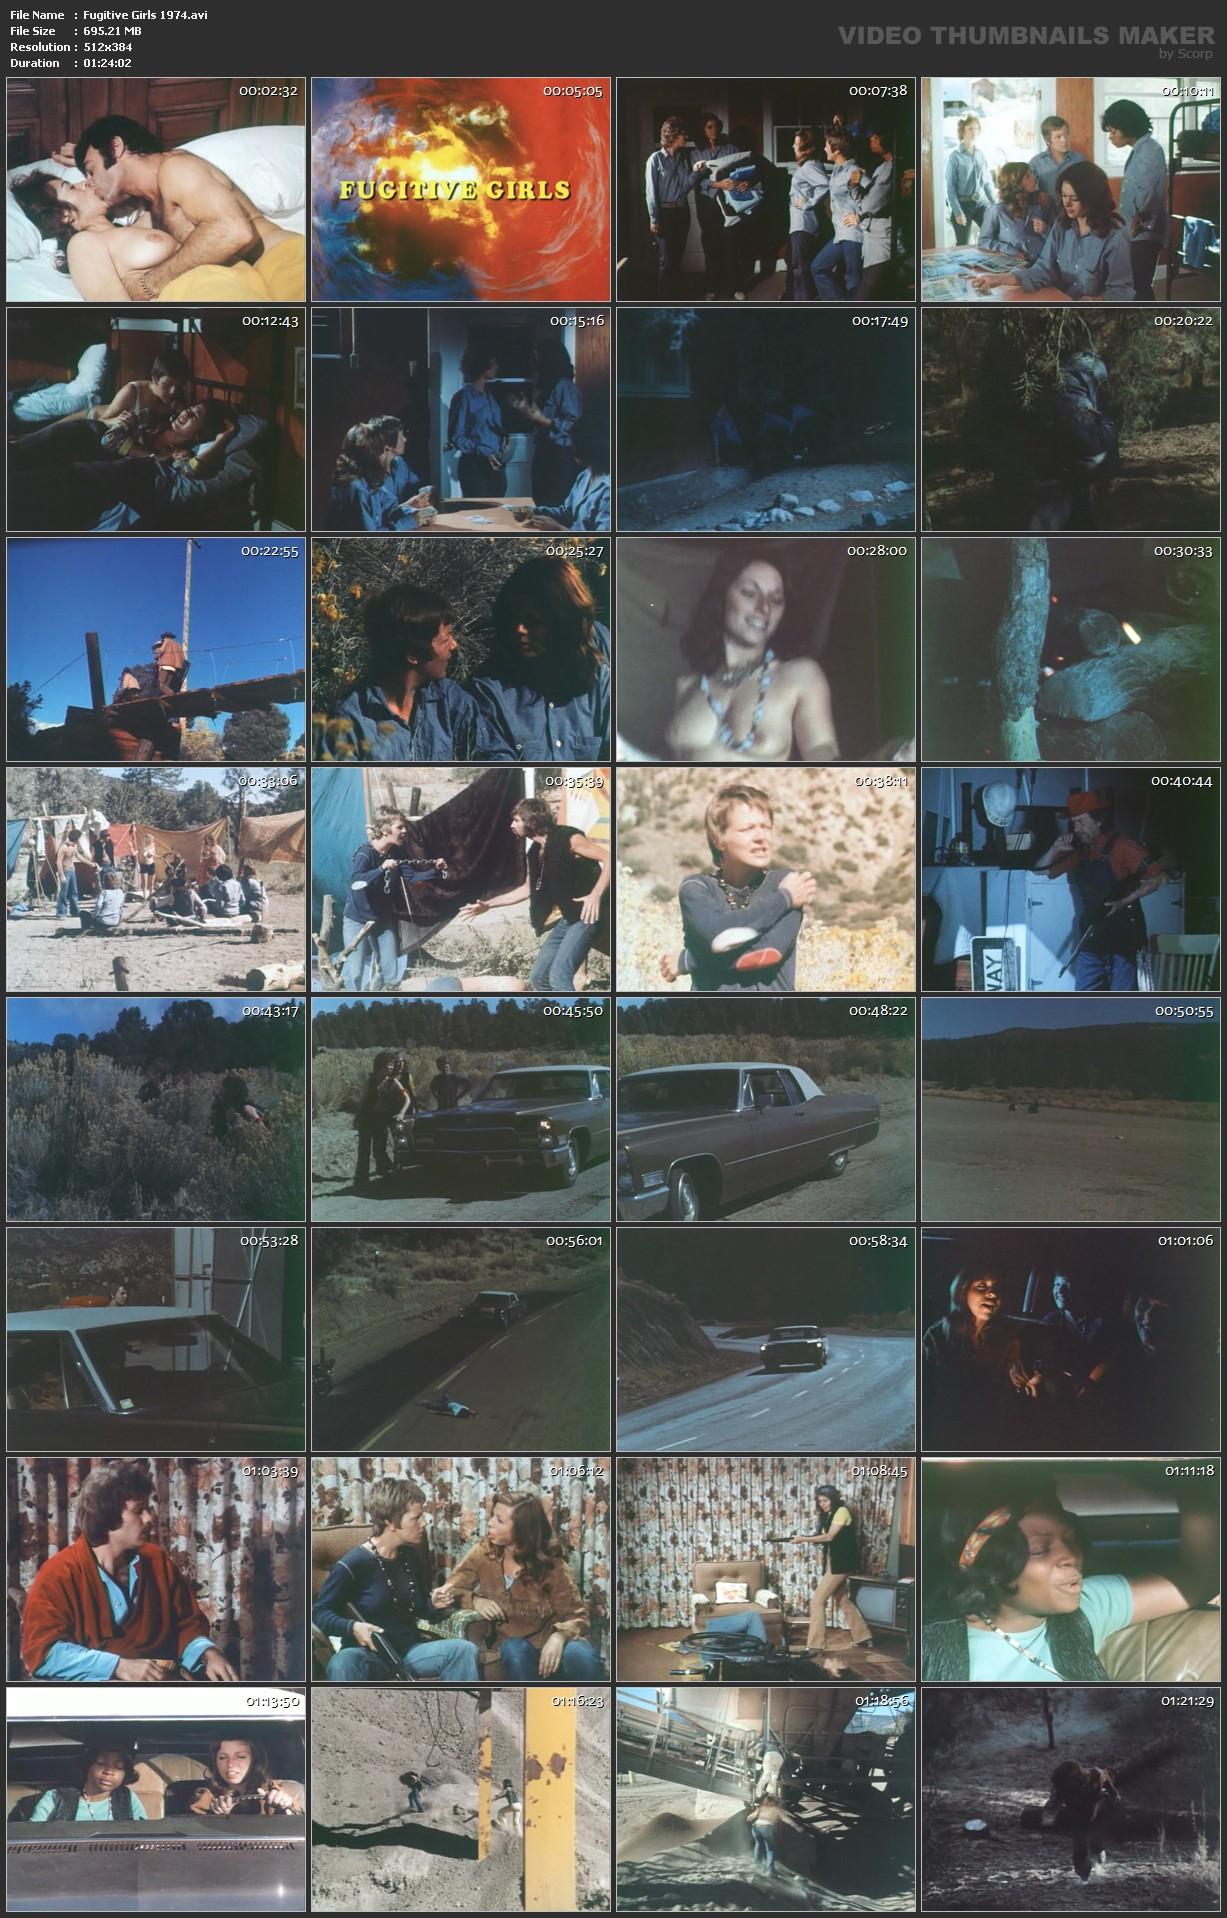 Emmanuelle 1974 full movie - 2 5